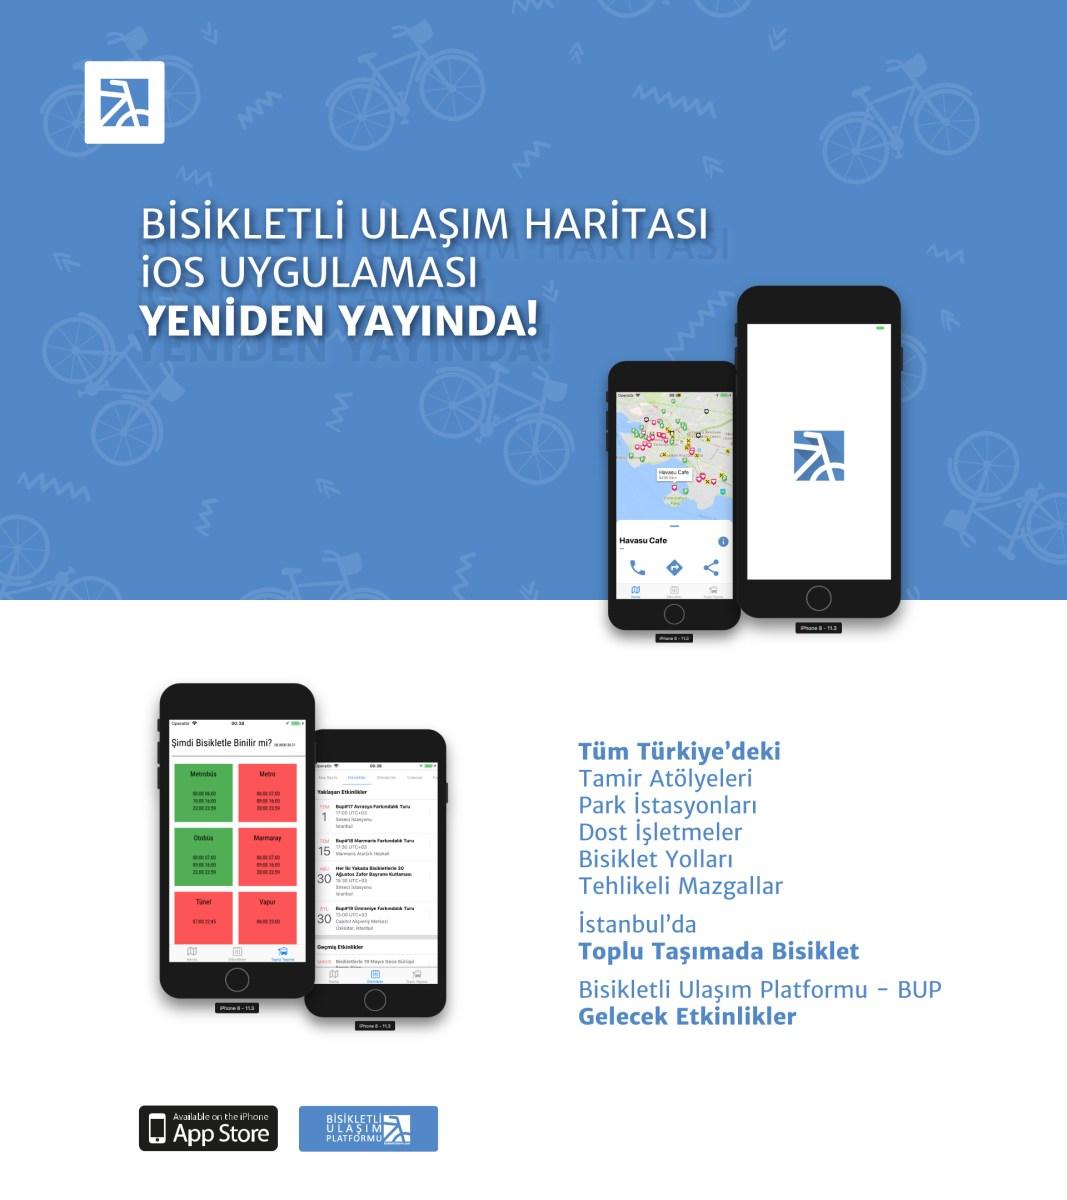 BUP Harita iOS Uygulaması Yeniden Yayında!